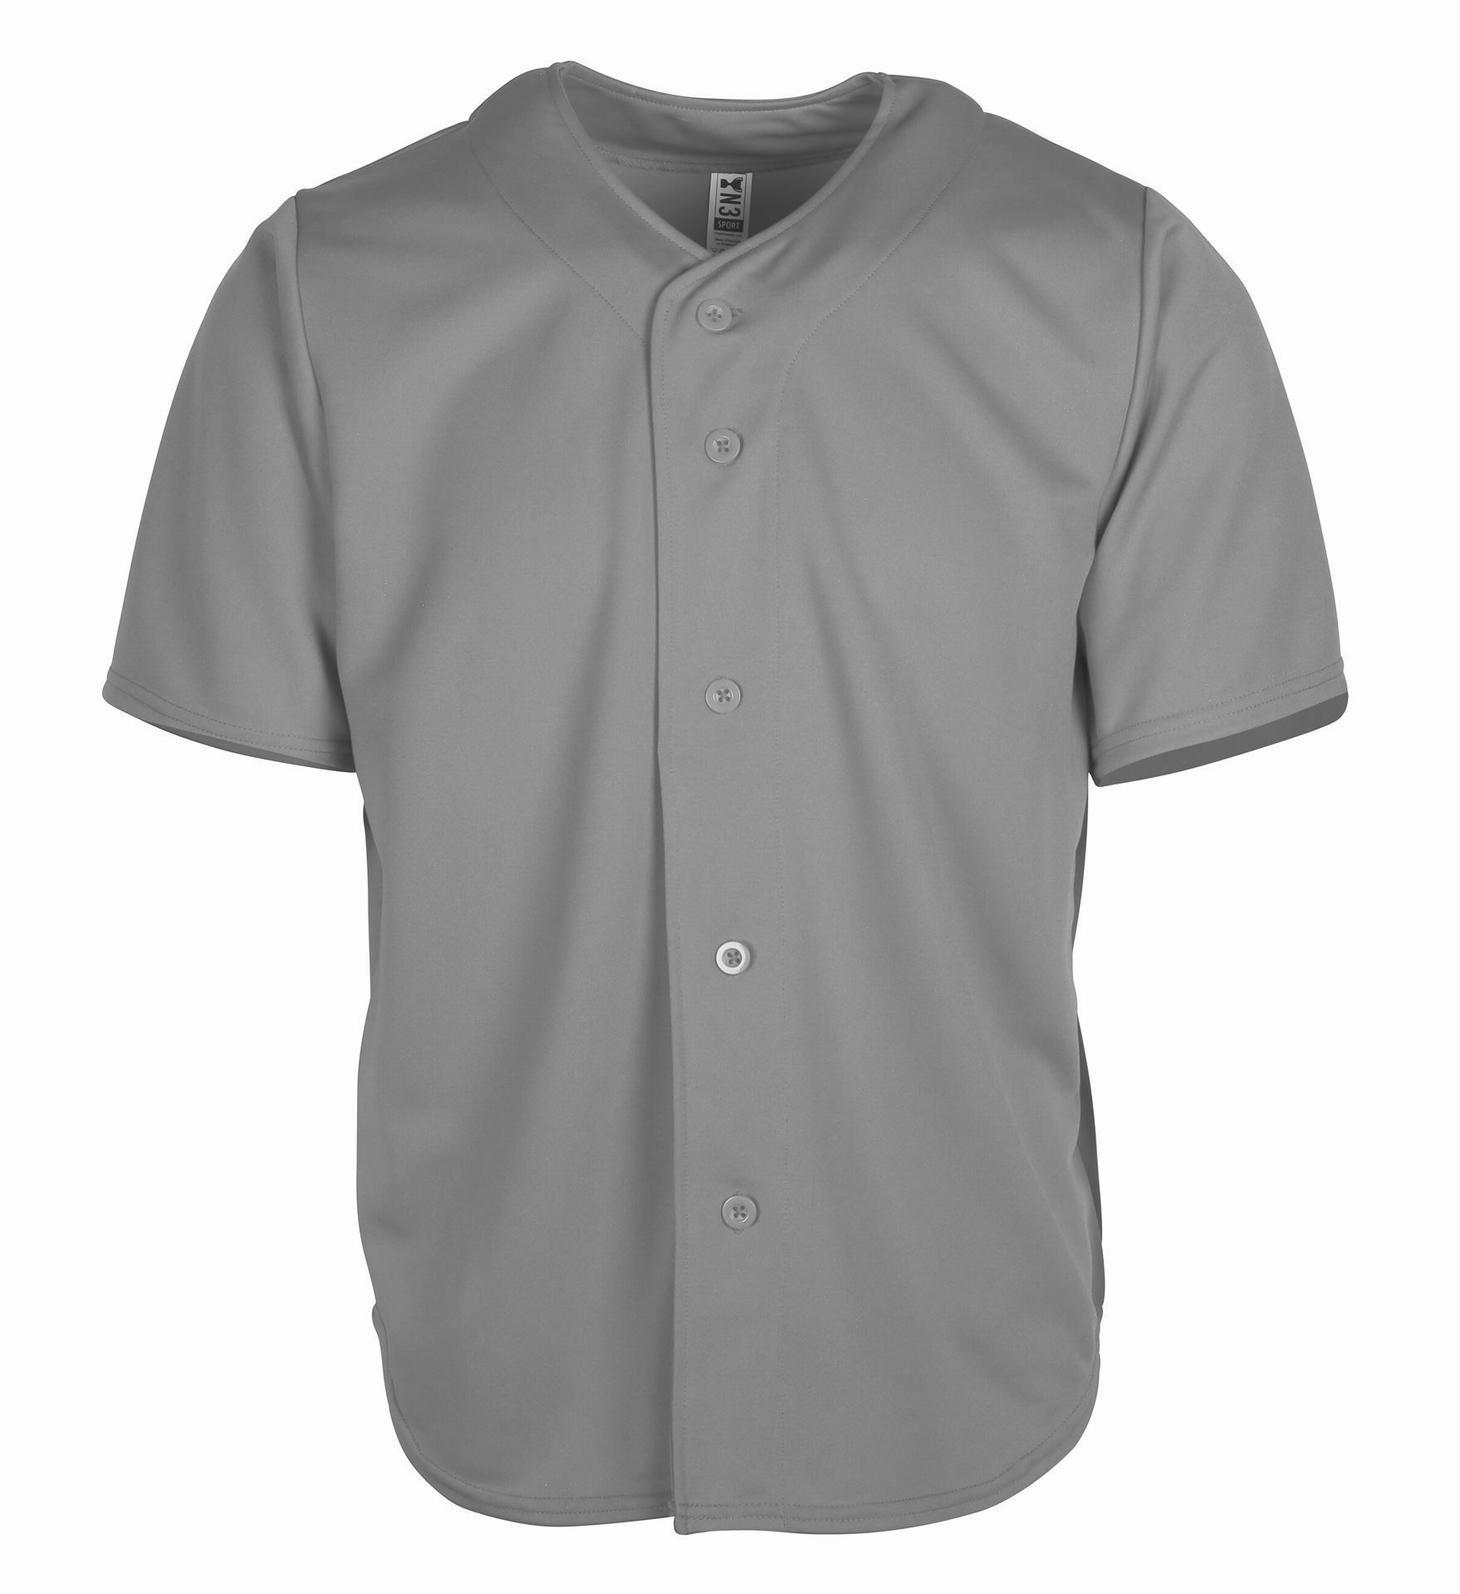 3588 78 7679 Jersey de baseball sur mesure Blank NOUVEAU HOMMES FEMMES Bouton Bouton Bouton Down Pullover Taille S-3XL